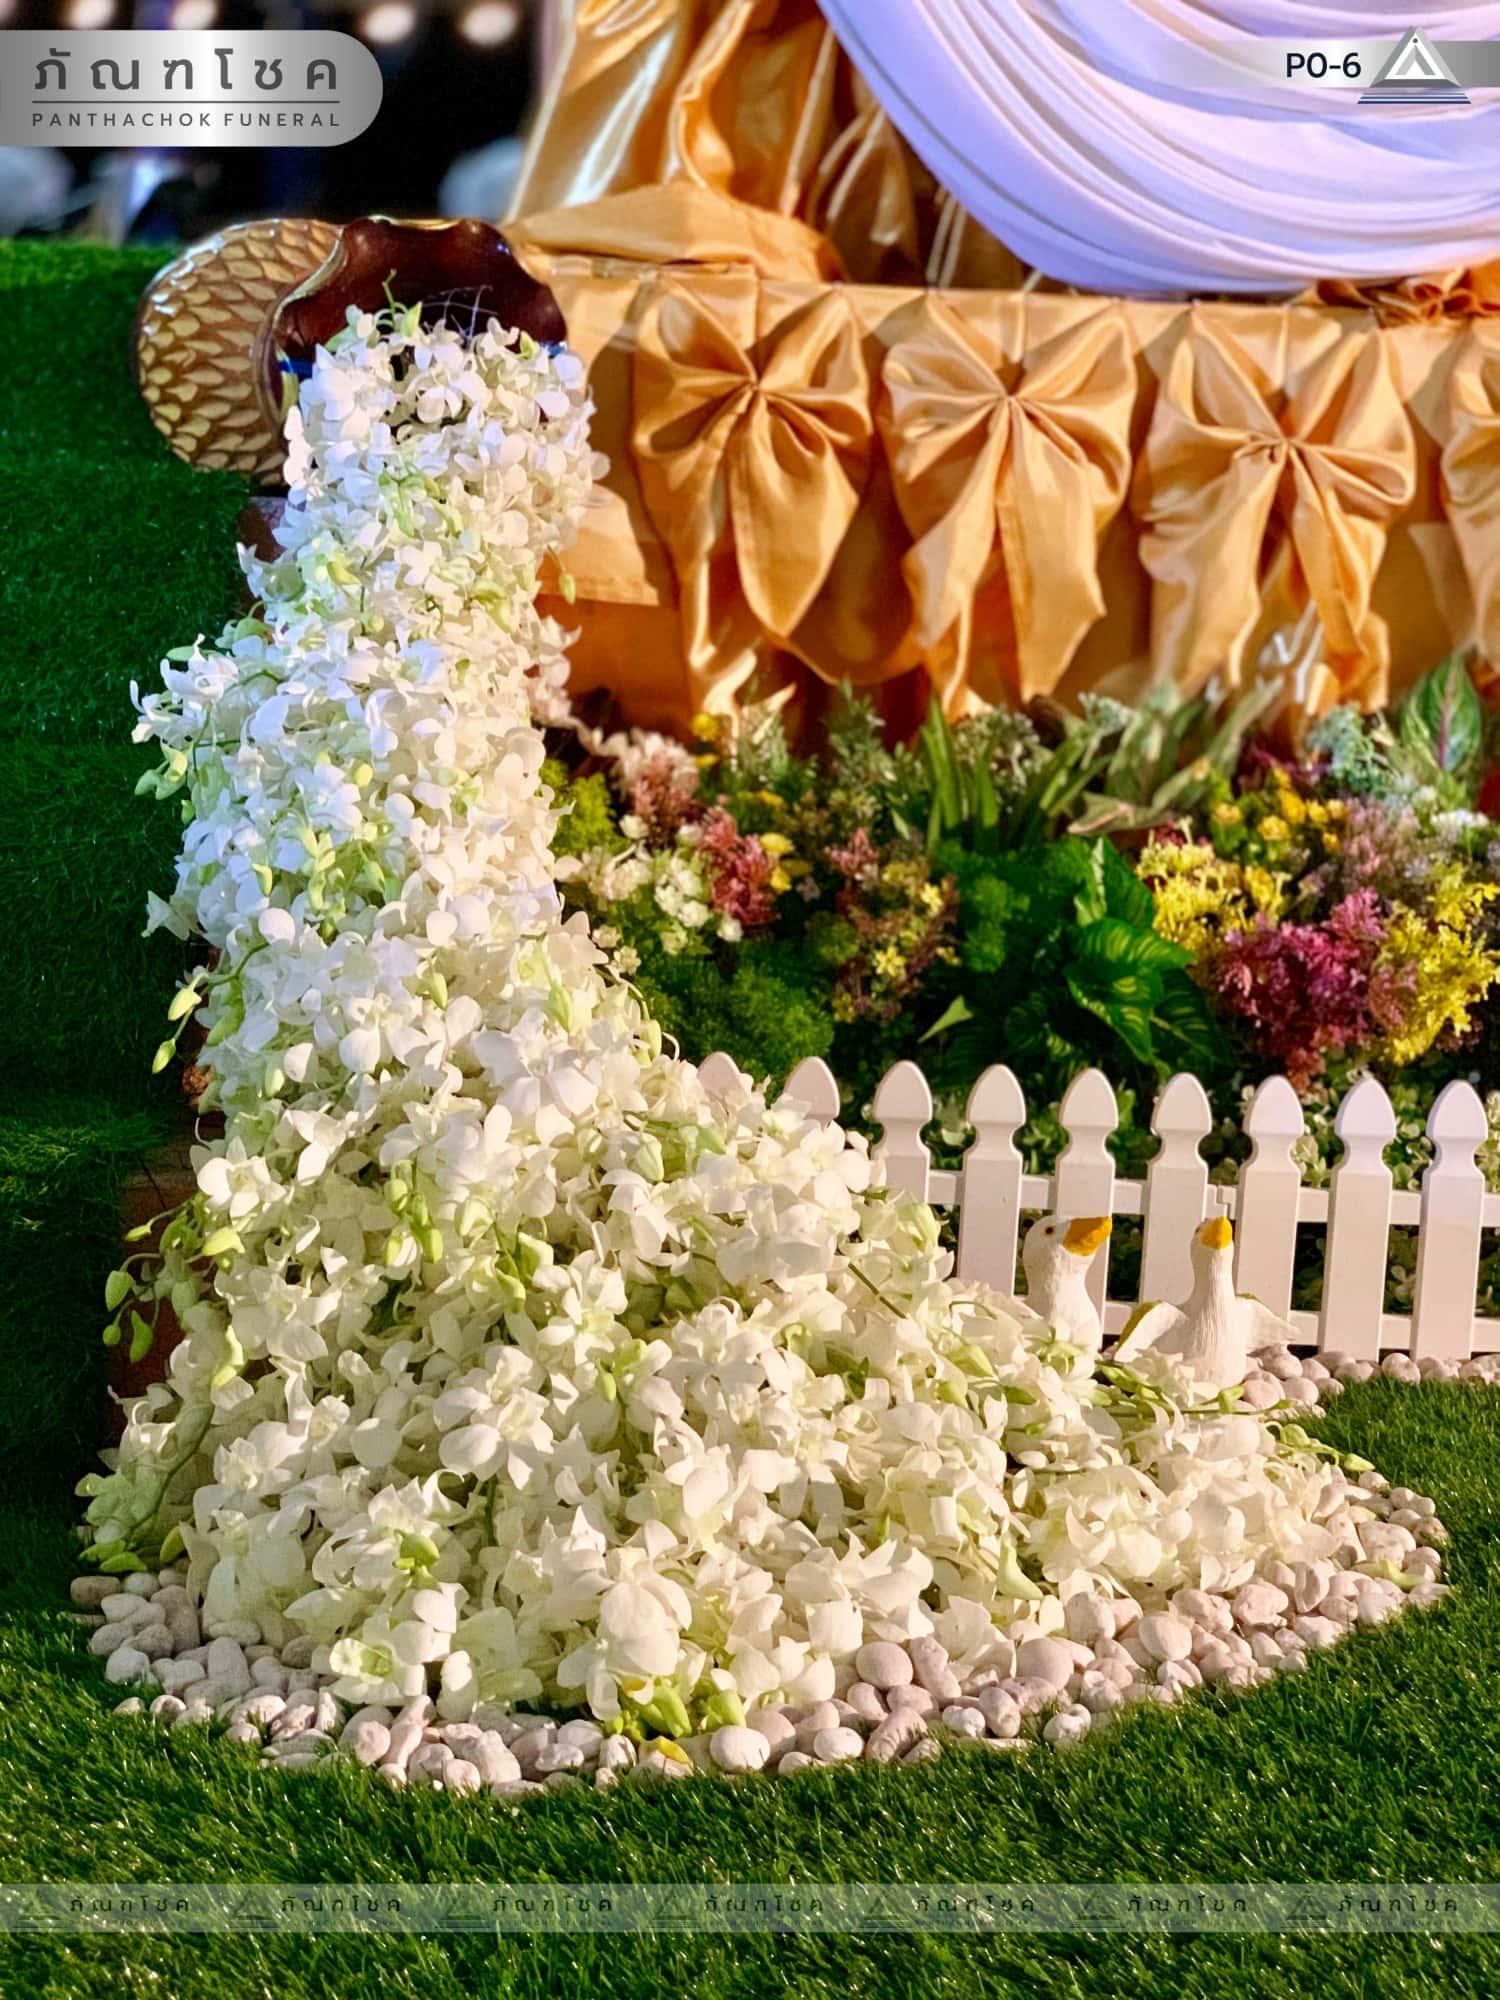 ดอกไม้ประดับเมรุ ชุด P0-6 187